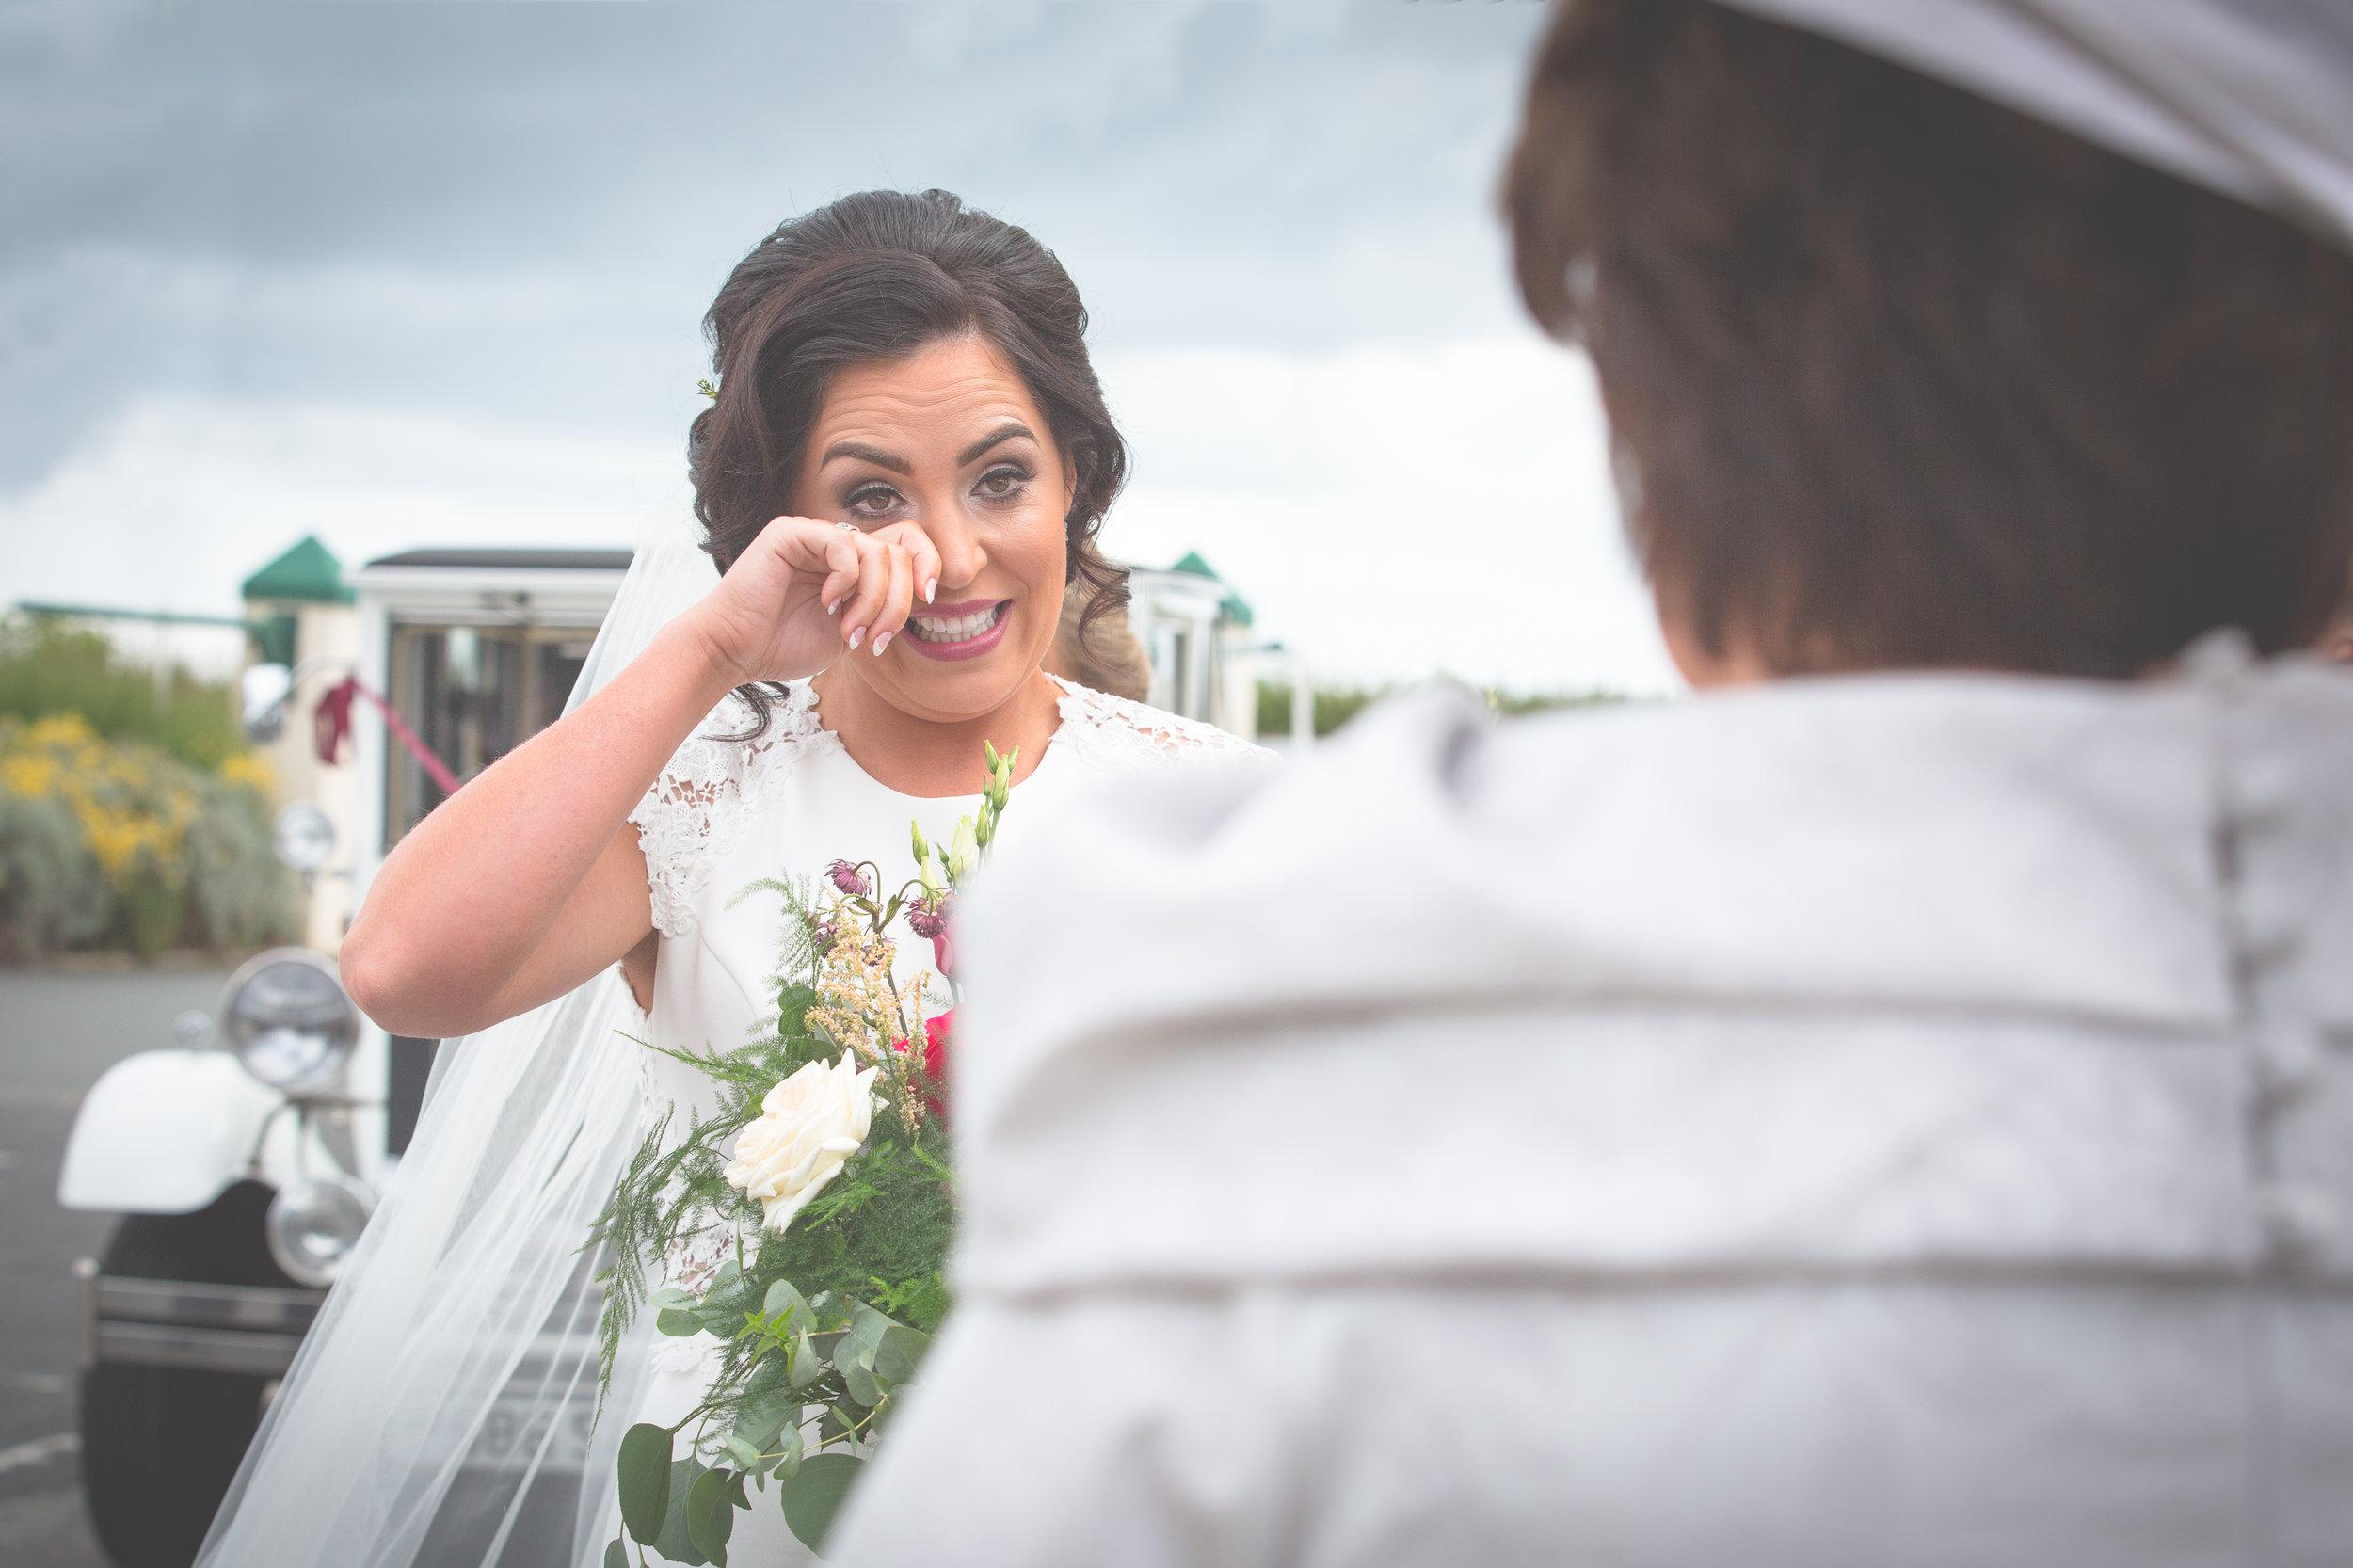 Brian McEwan Wedding Photography   Carol-Anne & Sean   The Ceremony-4.jpg